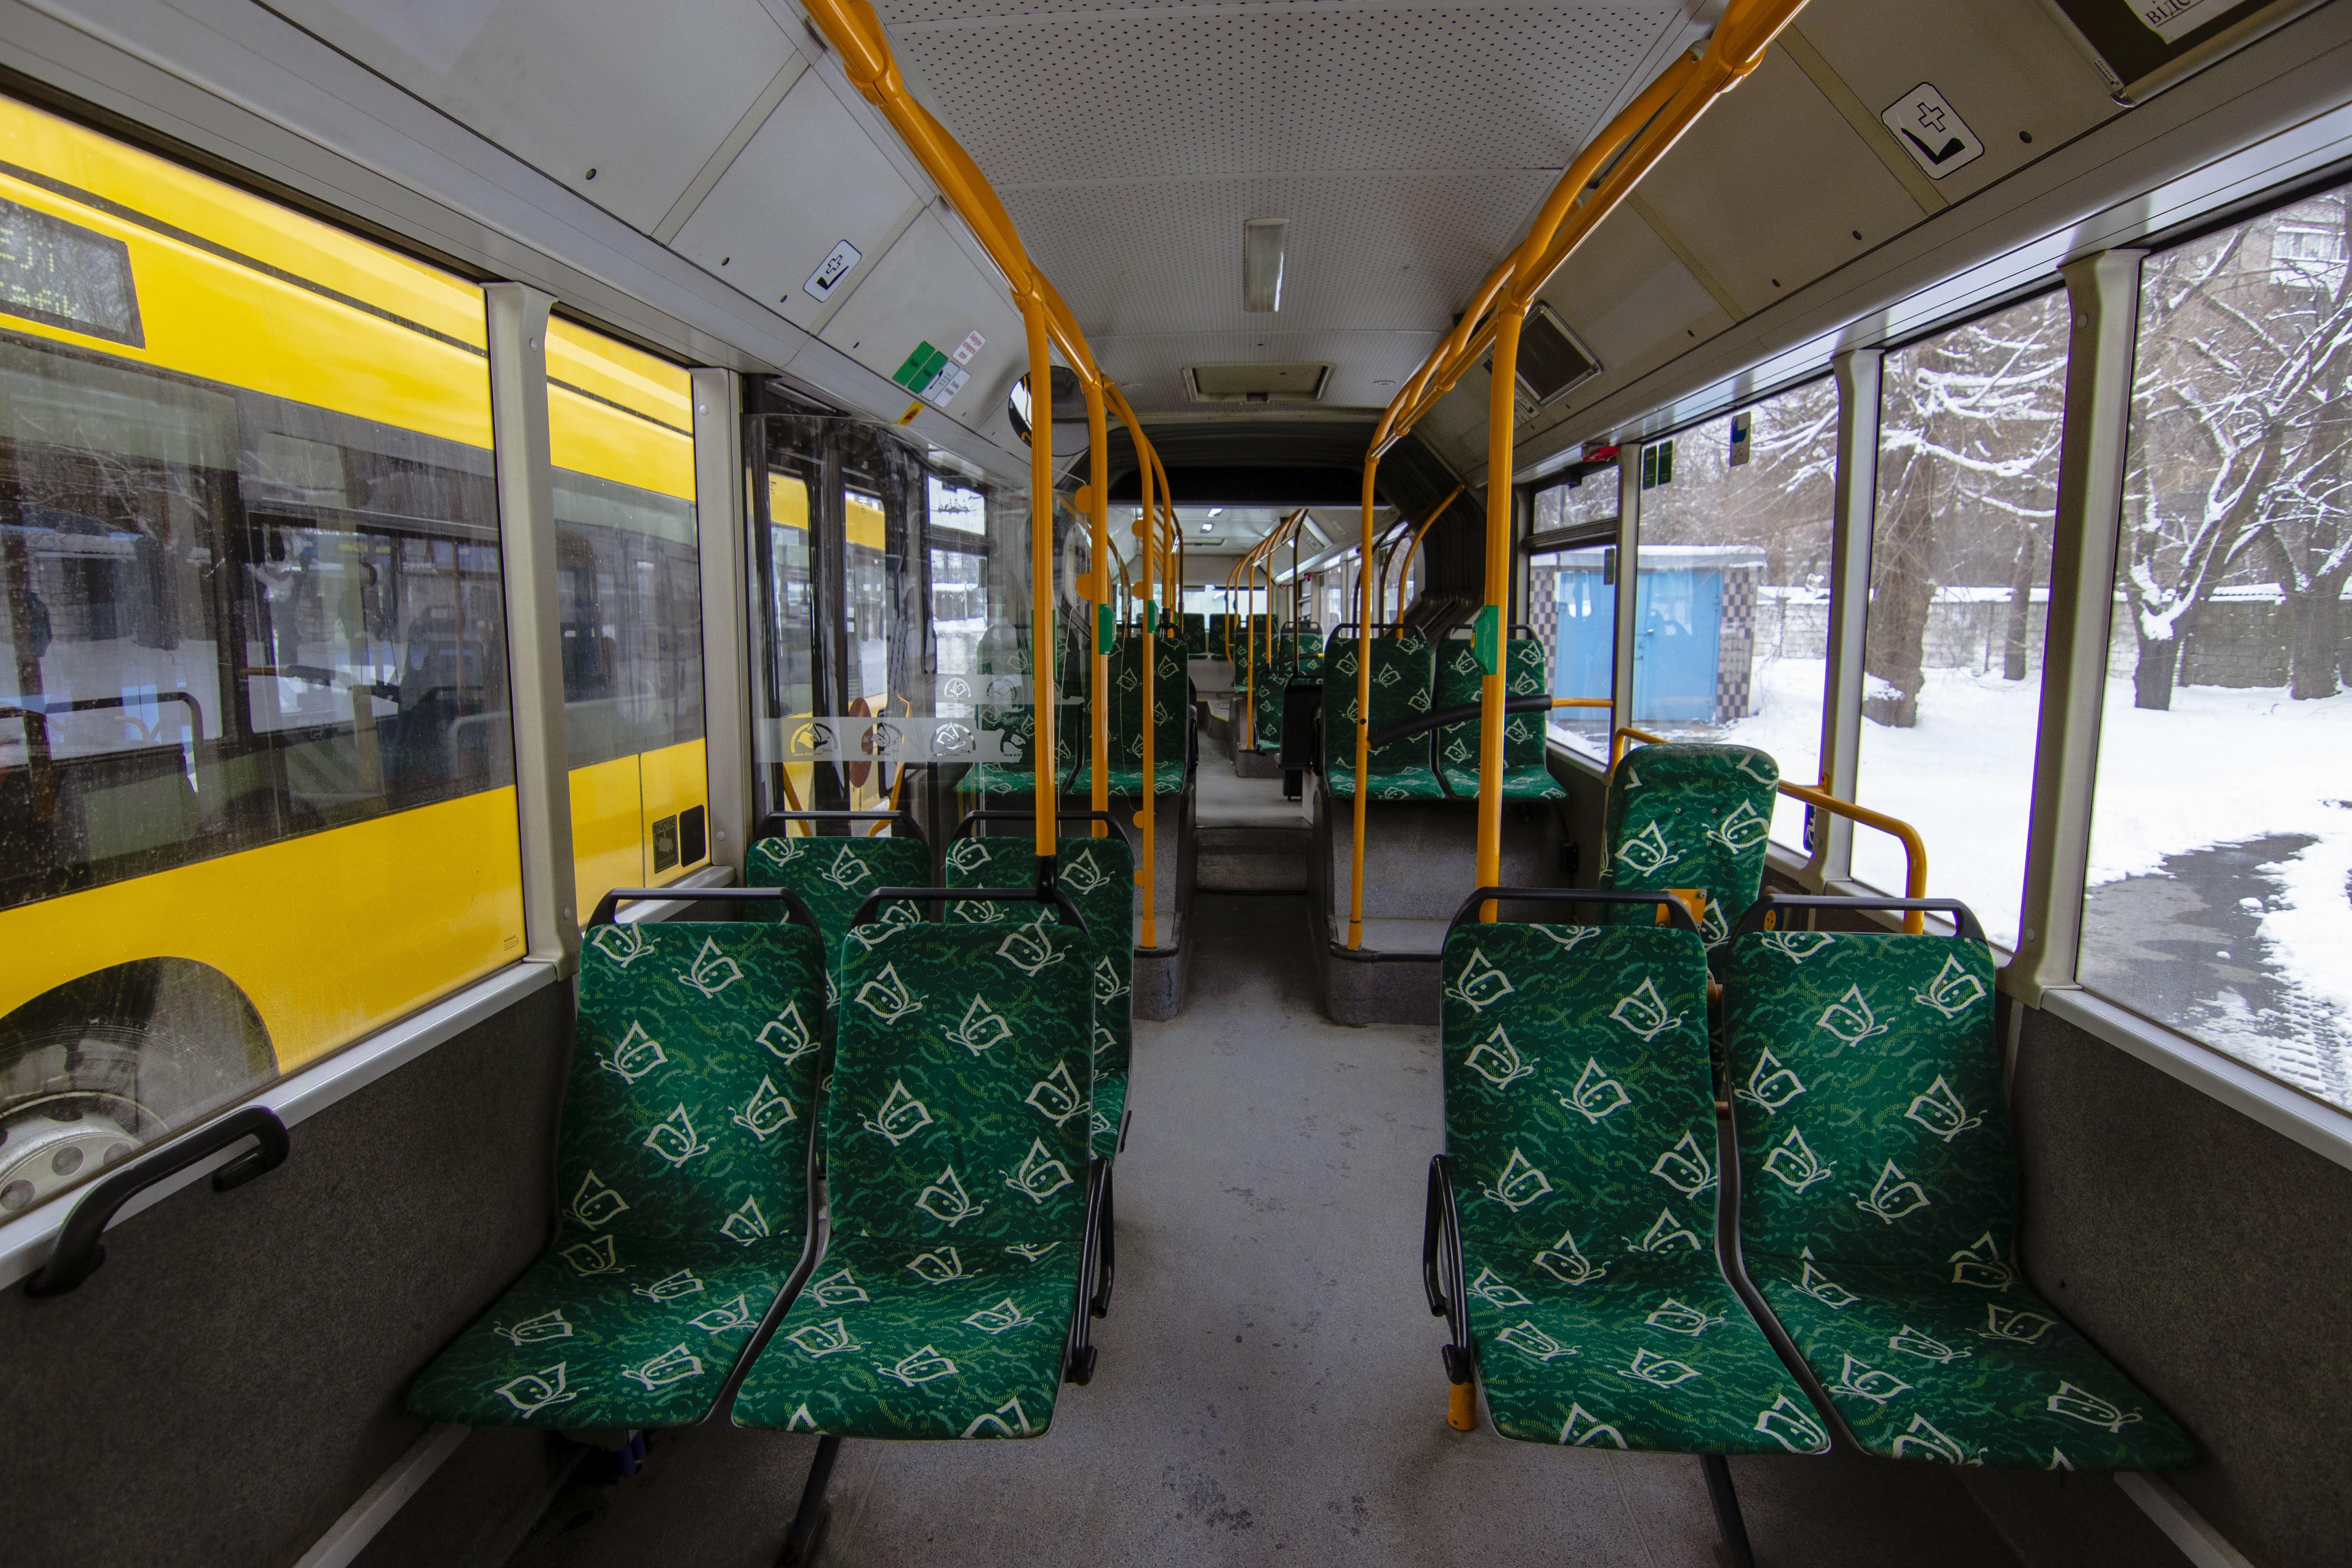 Новые маршруты, обновление подвижного состава, капитальный ремонт: как развивался общественный транспорт Днепра в прошлом году и какие перспективы в 2021-м